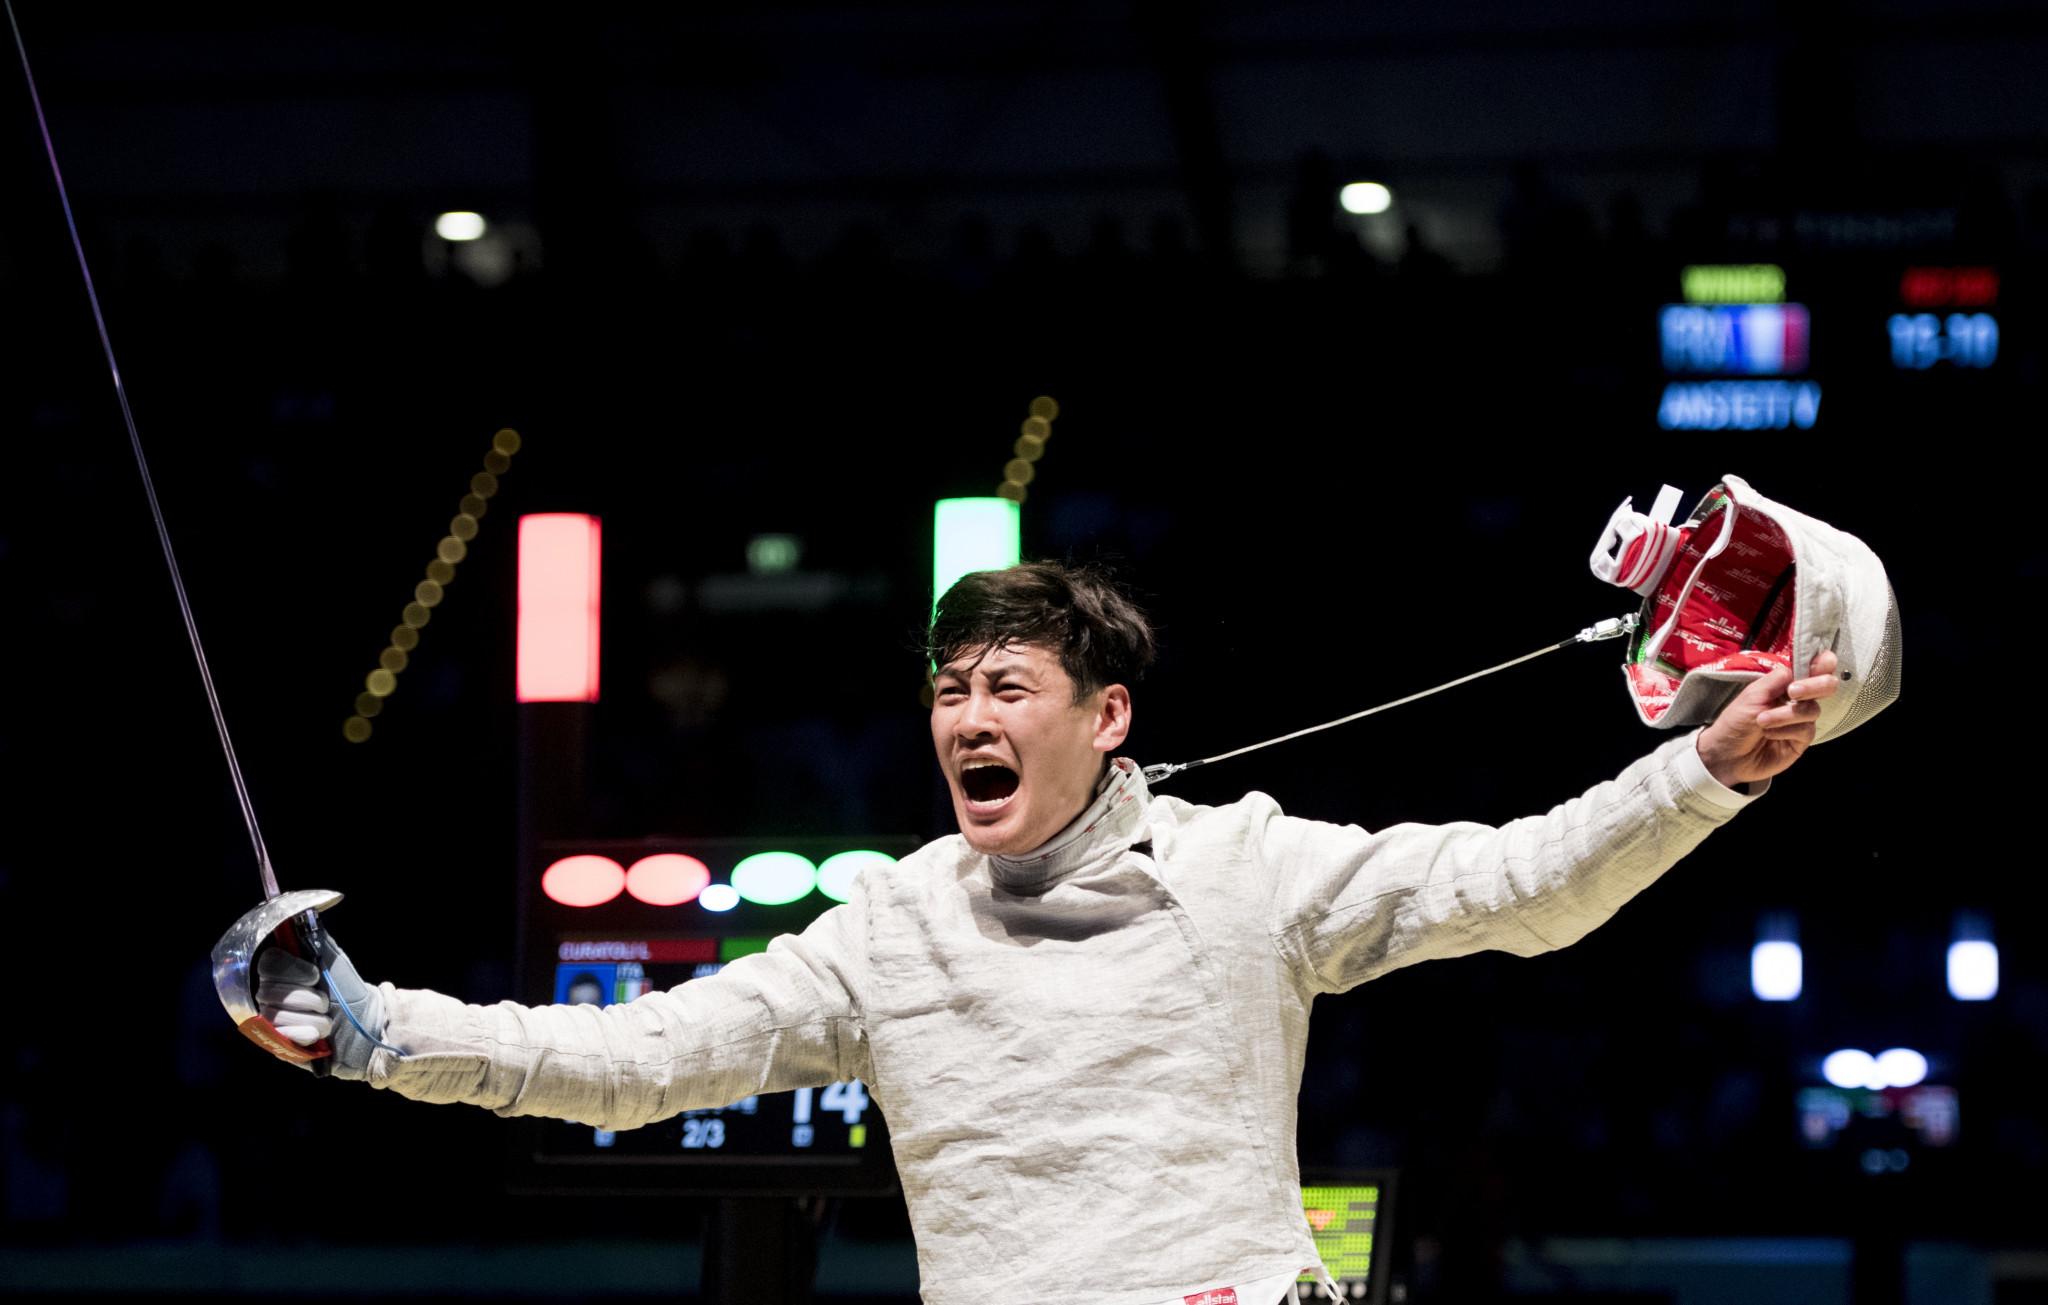 Gu hopes for home success at FIE Sabre Grand Prix in Seoul